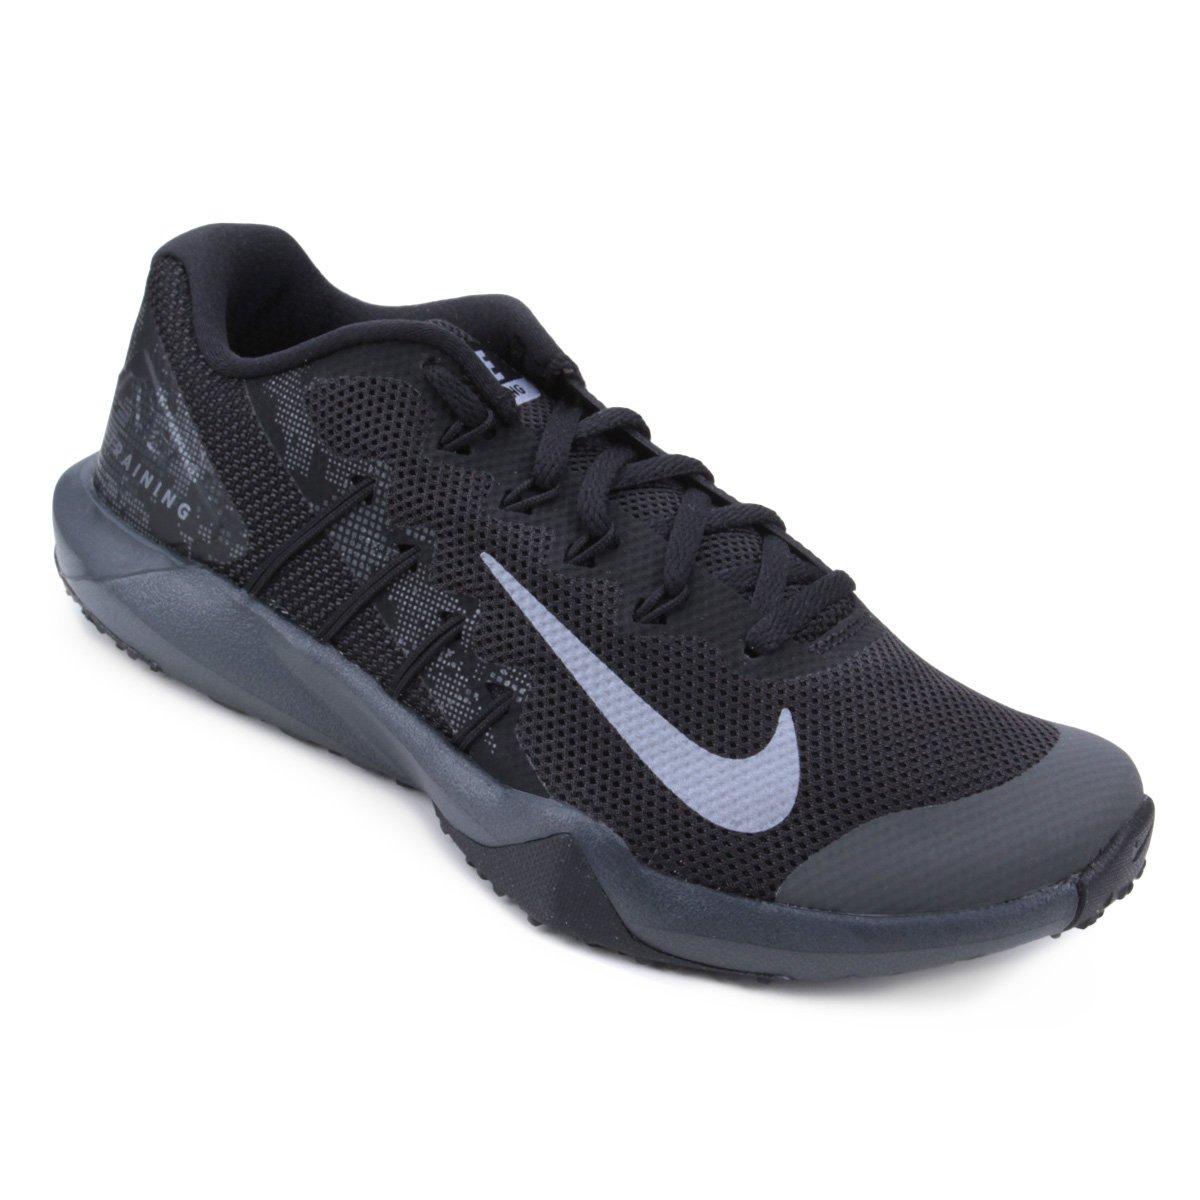 353794700 Tênis Nike Retaliation Tr 2 Masculino - Preto e Cinza | Shop Timão